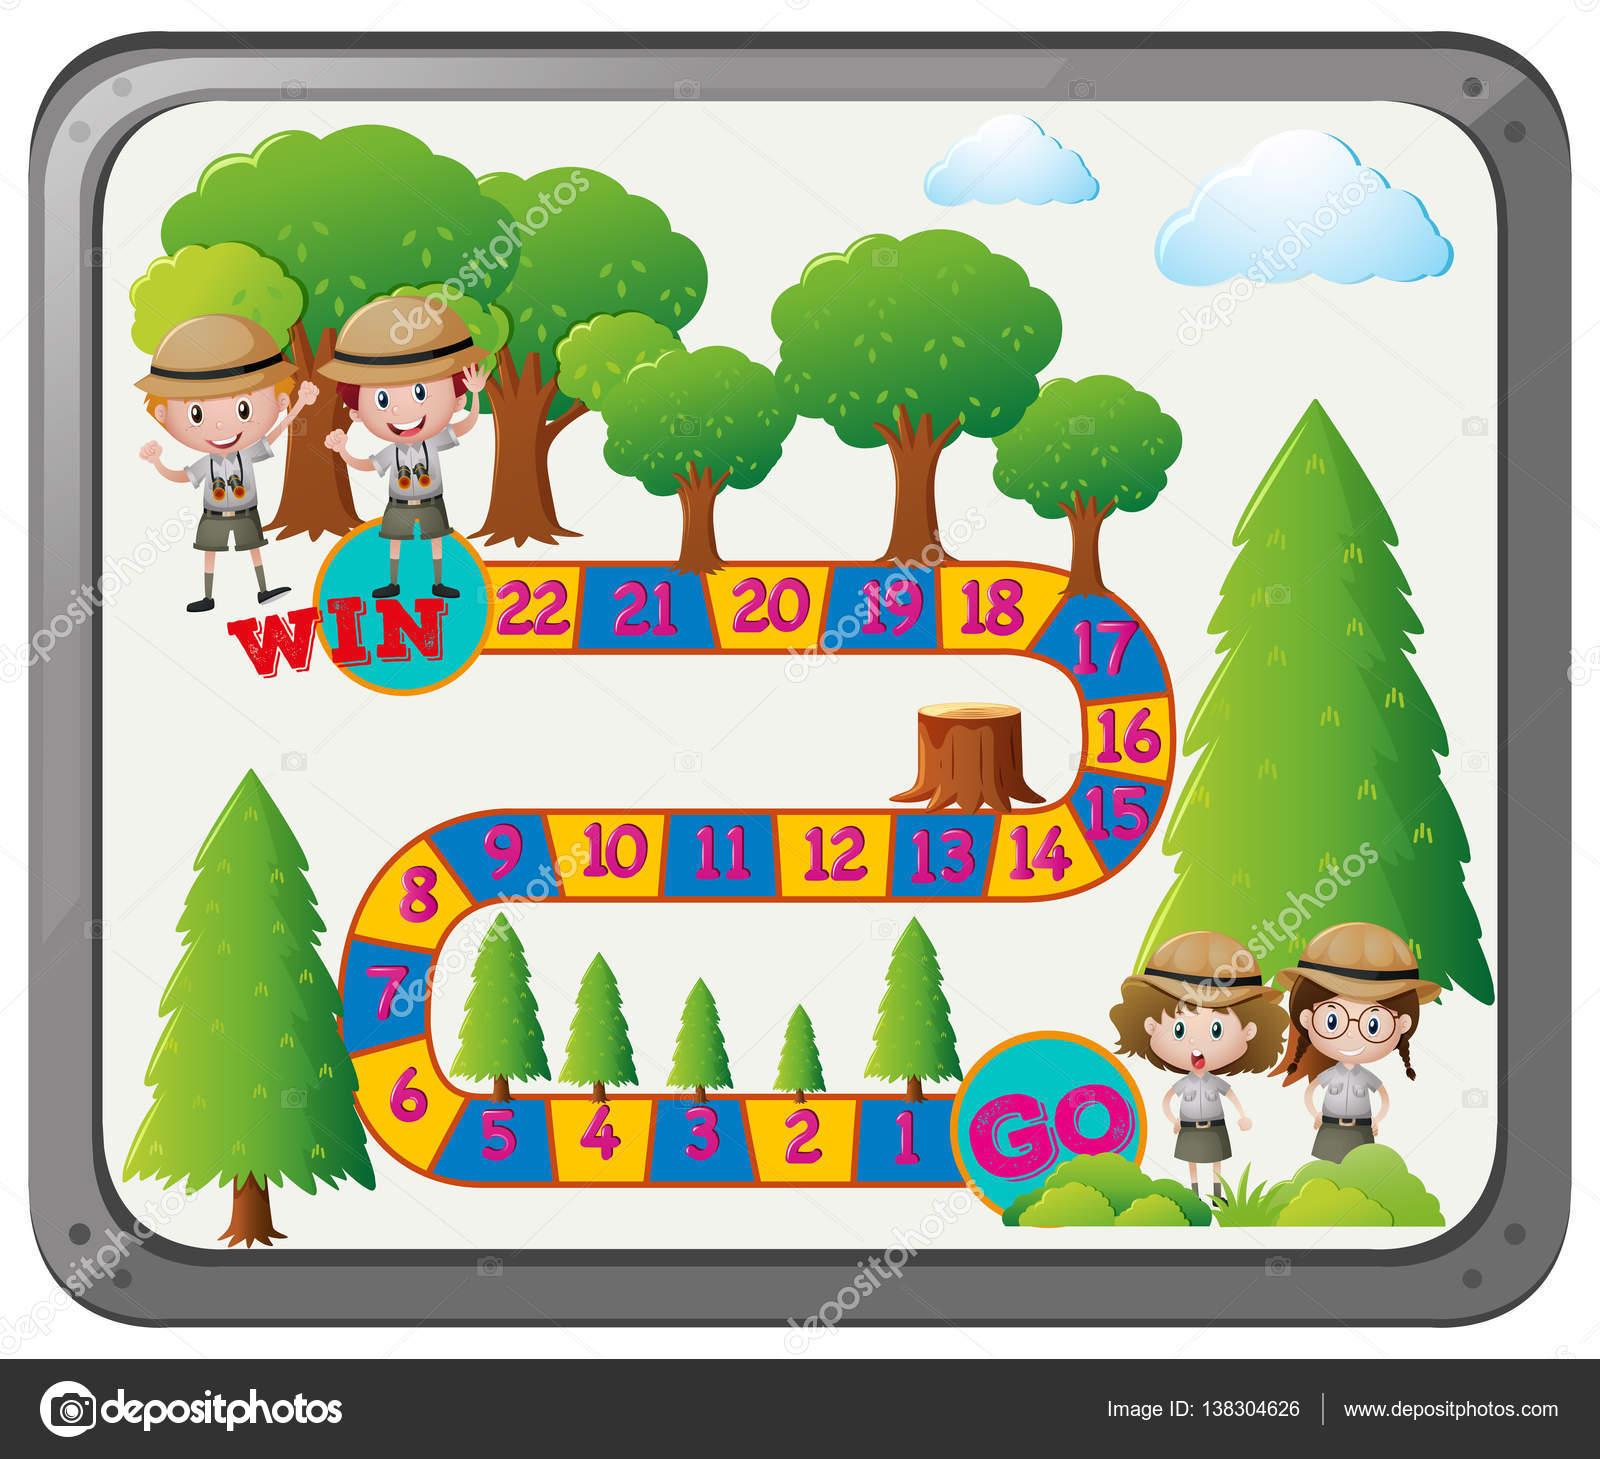 Brettspiel Vorlage mit Kindern in Safari outfit — Stockvektor ...